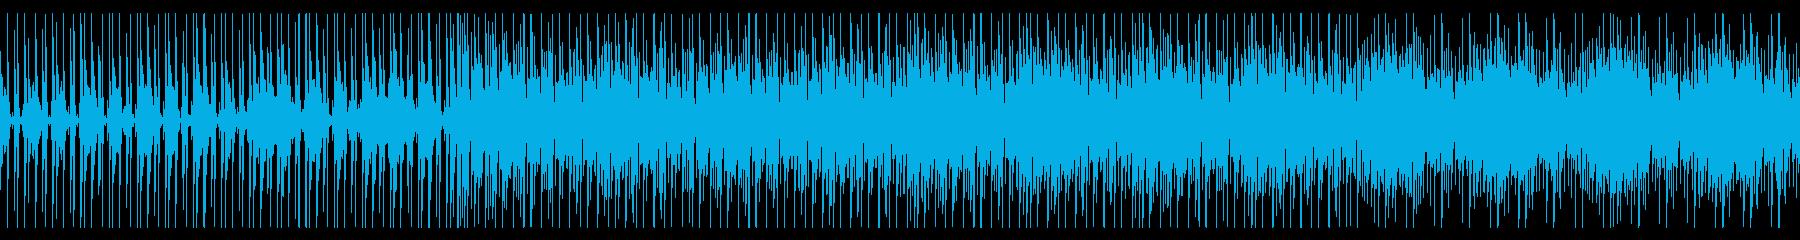 緊張感のあるテクノBGMの再生済みの波形